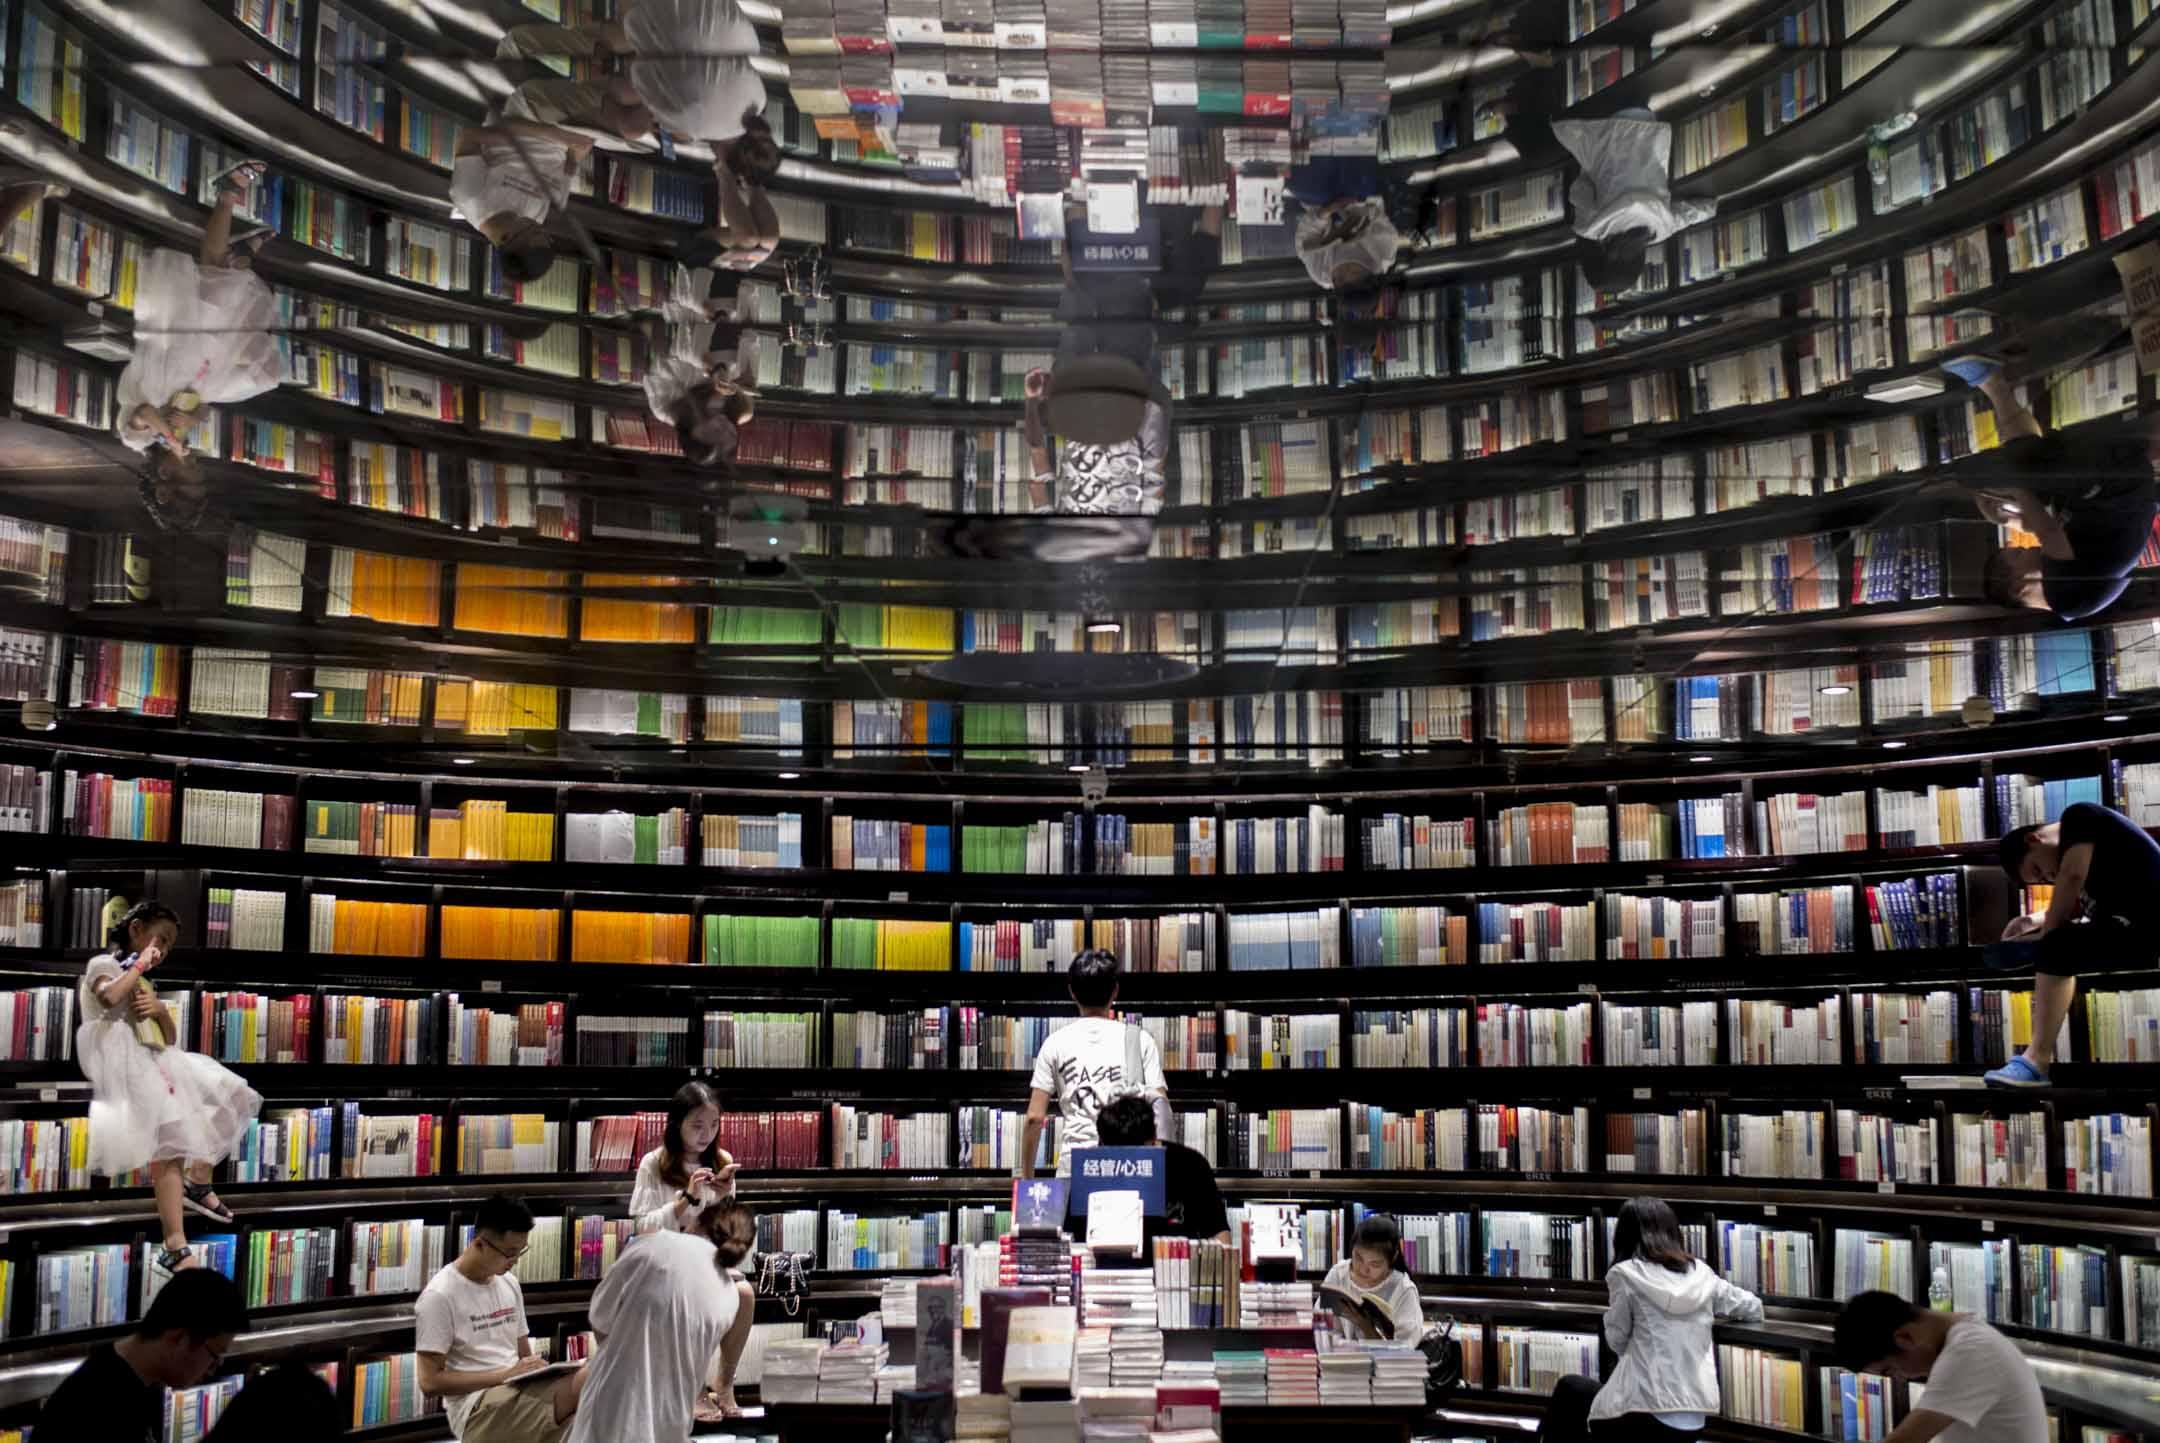 雖然出版業向來要與審查制度打交道,但受訪的編輯普遍表示,近兩年來,整個出版流程上的審查尺度都存在明顯的收緊——尤其是在主管部門從國家新聞出版廣電總局轉到中宣部以後。 圖為杭州一間書店。